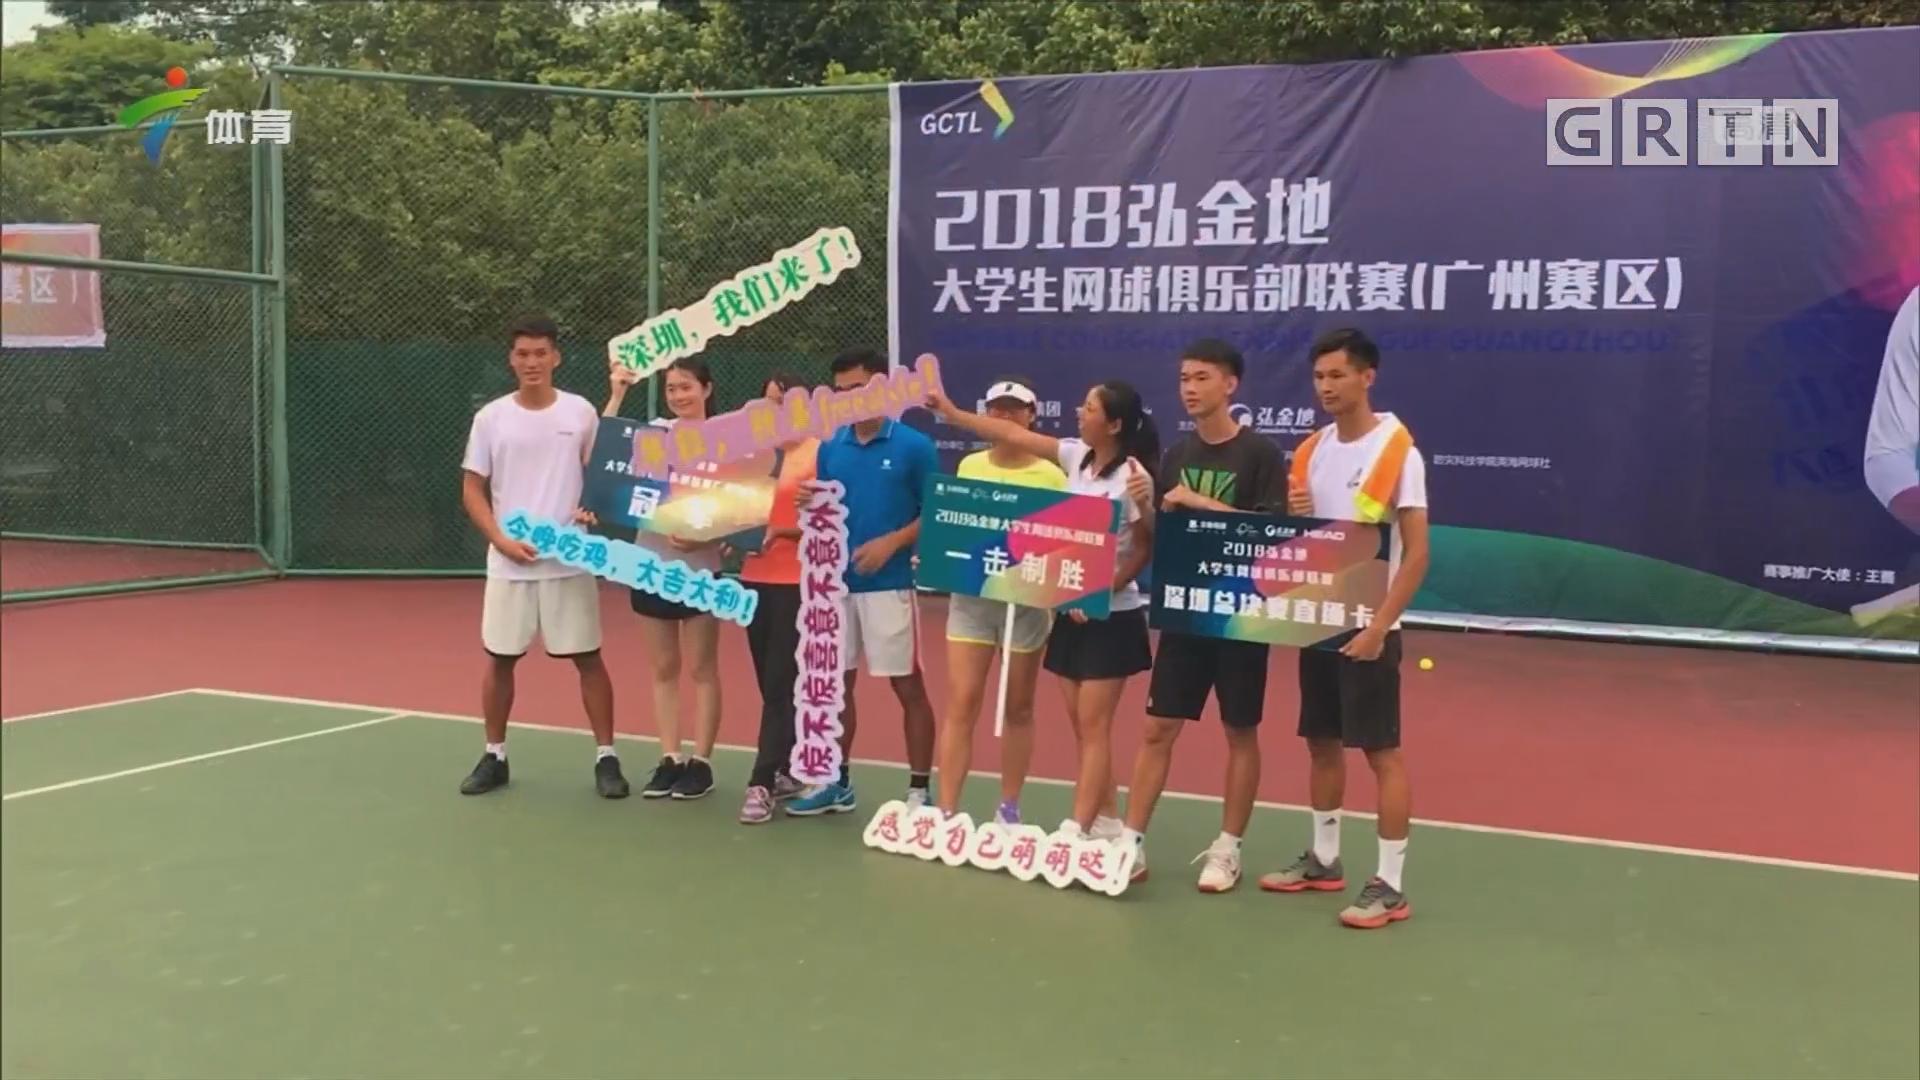 首届弘金地大学生网球俱乐部联赛广州站比赛圆满结束